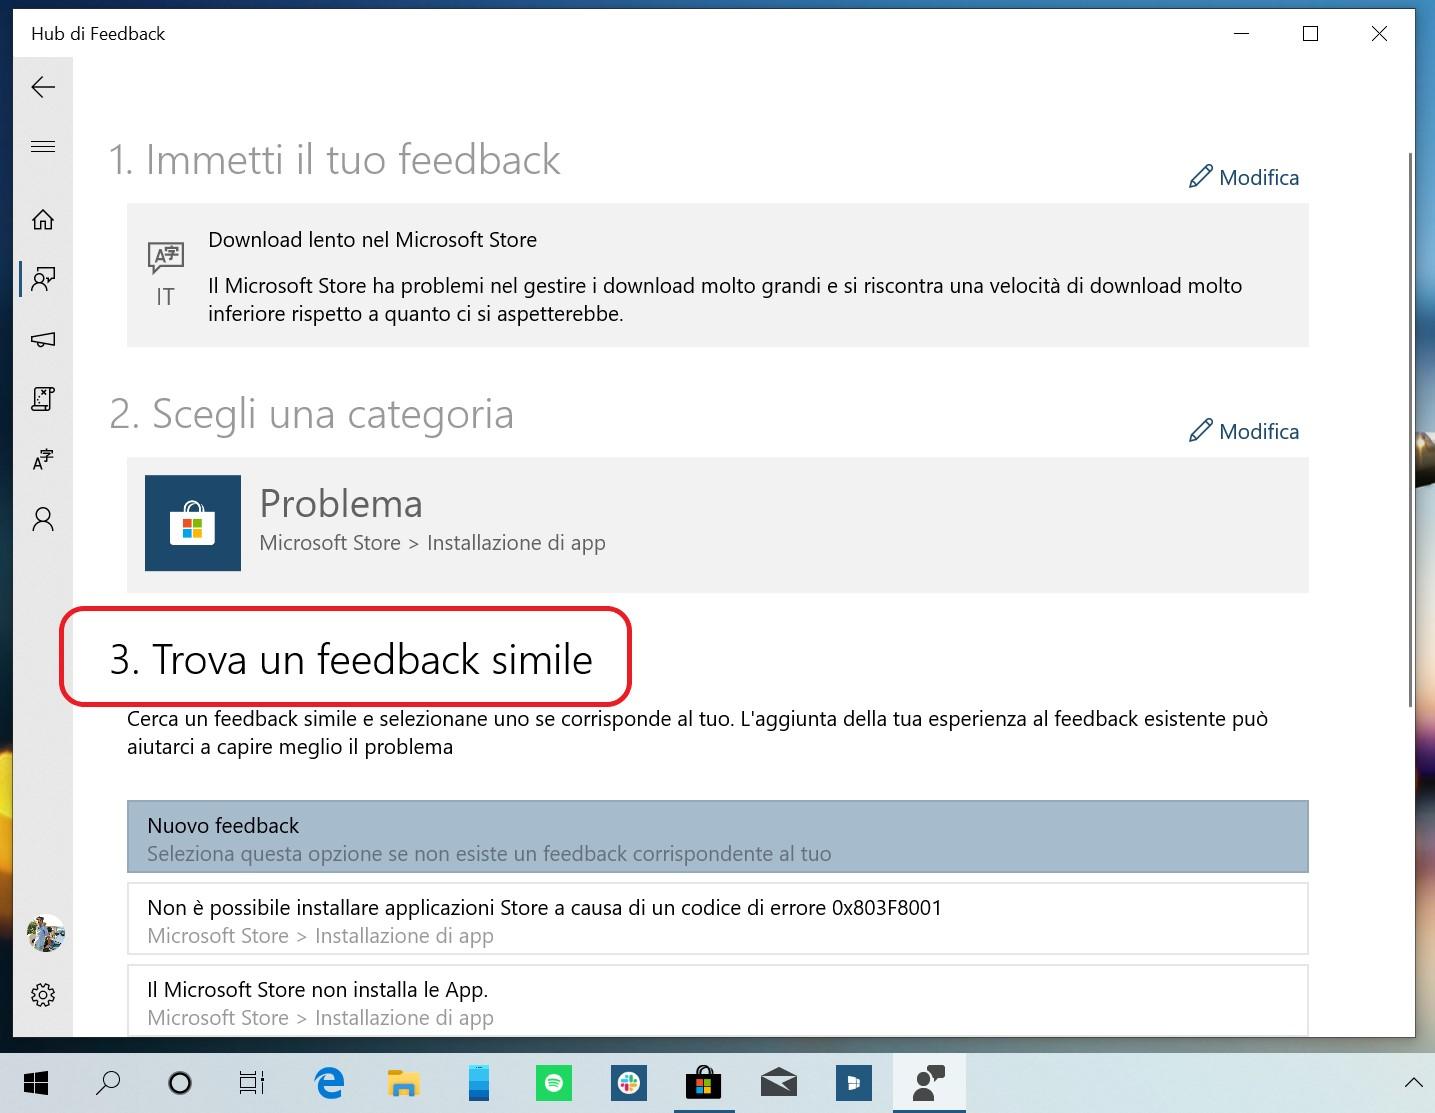 Hub di Feedback introduce l'opzione feedback simile